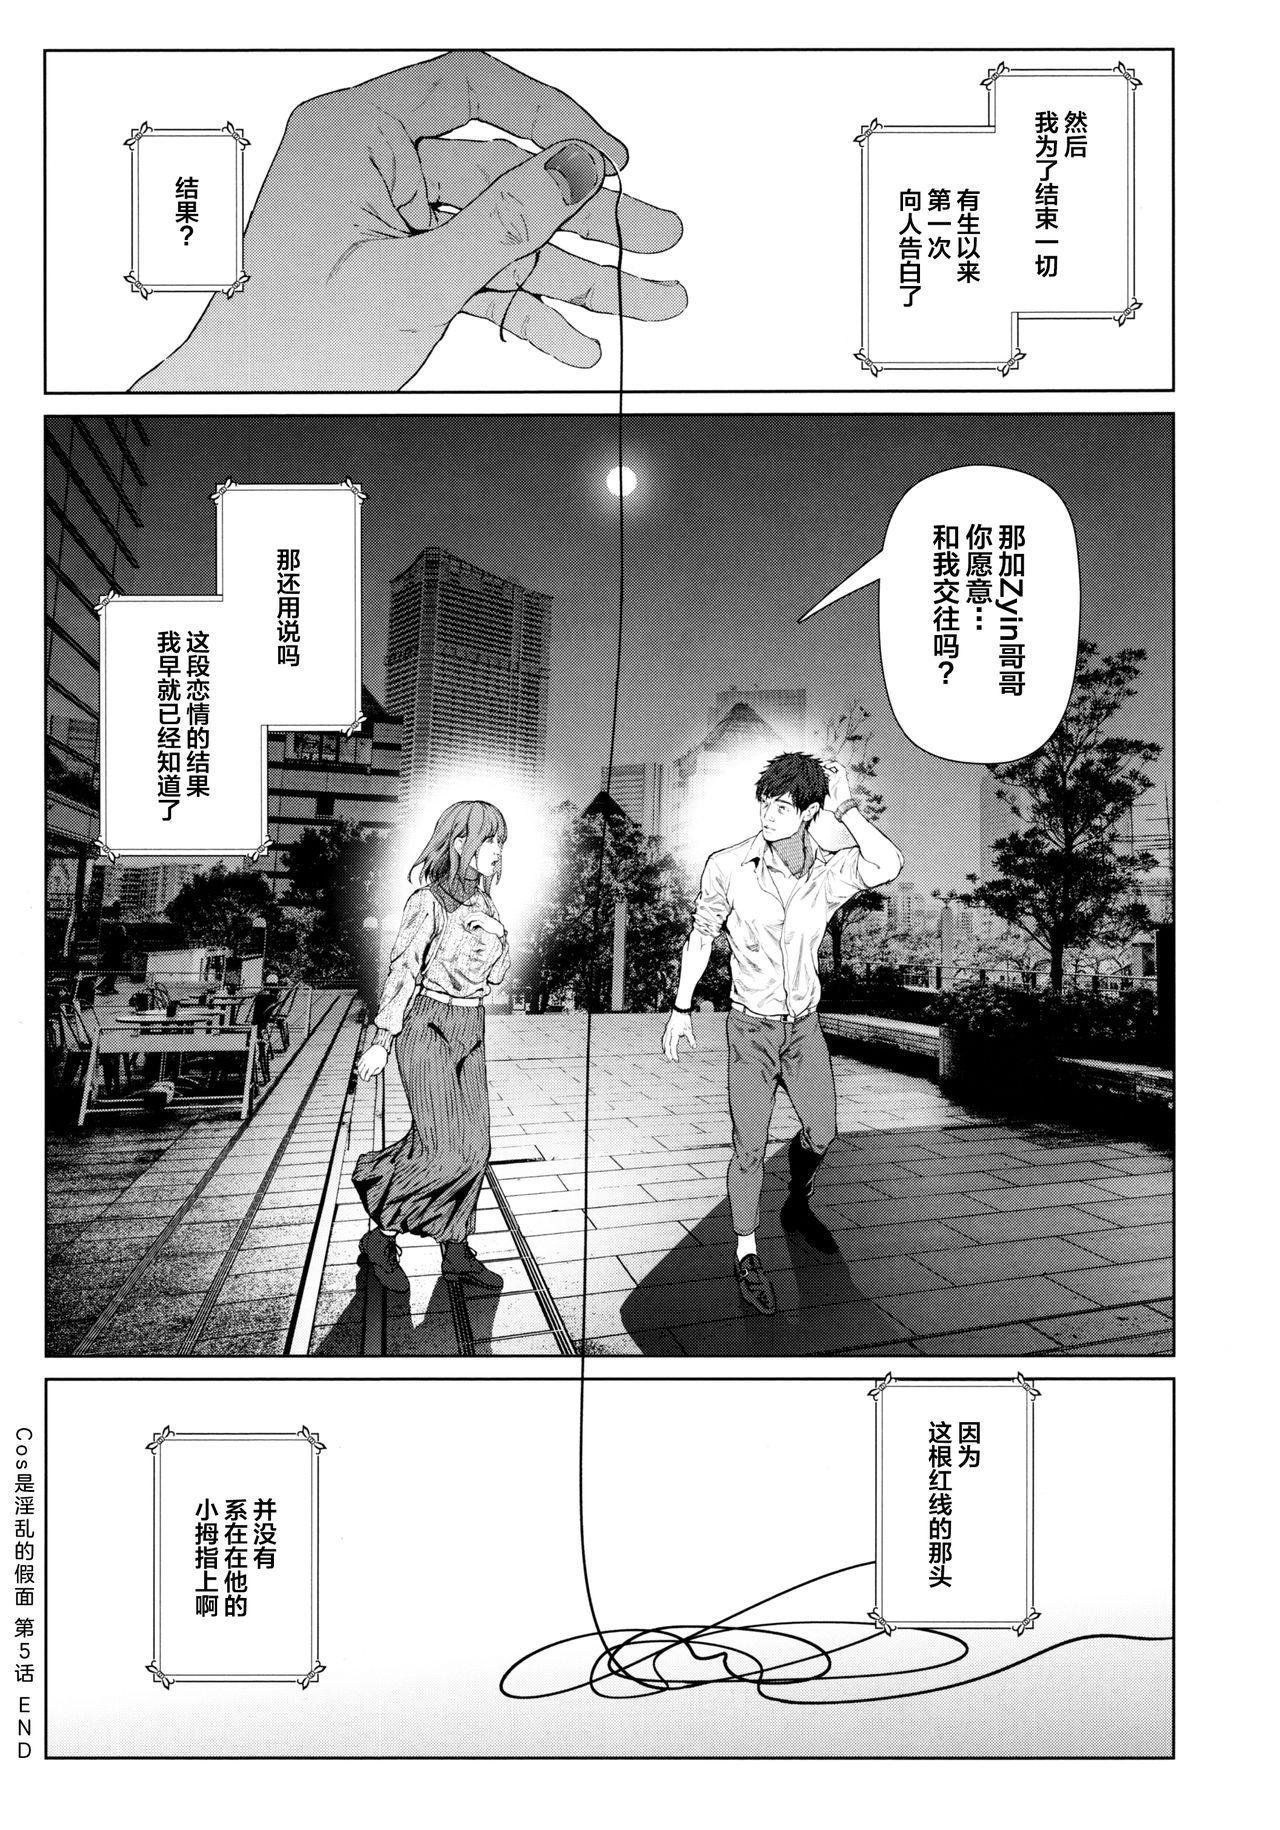 Cos wa Midara na Kamen Ninki Ikemen Layer no SeFri Ken Ishou Seisaku Tantou no Zoukei Layer wa Honmei Kanojo no Yume o Miru ka 33